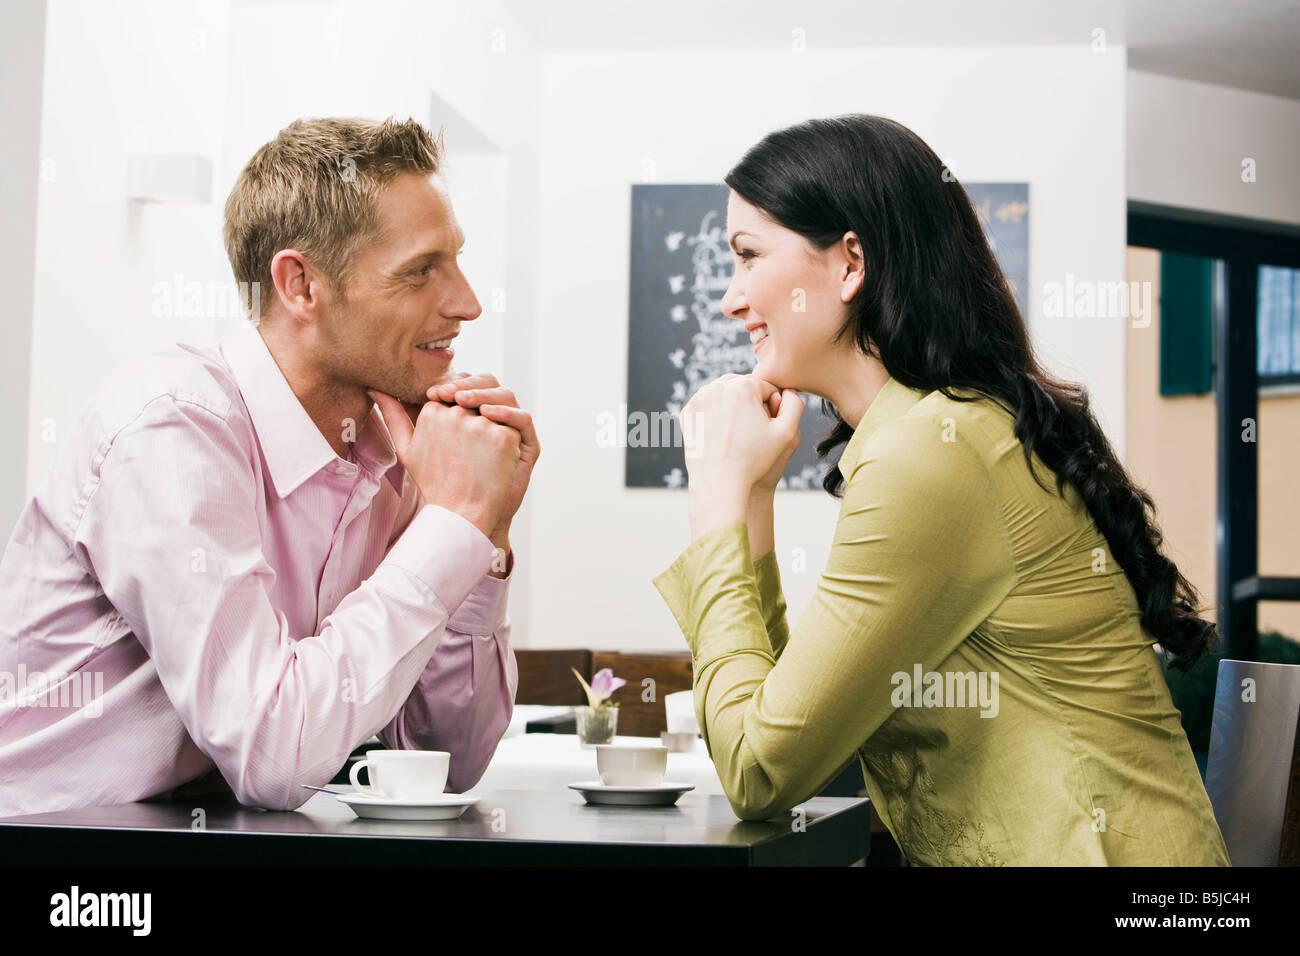 junges Paar im Café miteinander flirten Stockfoto